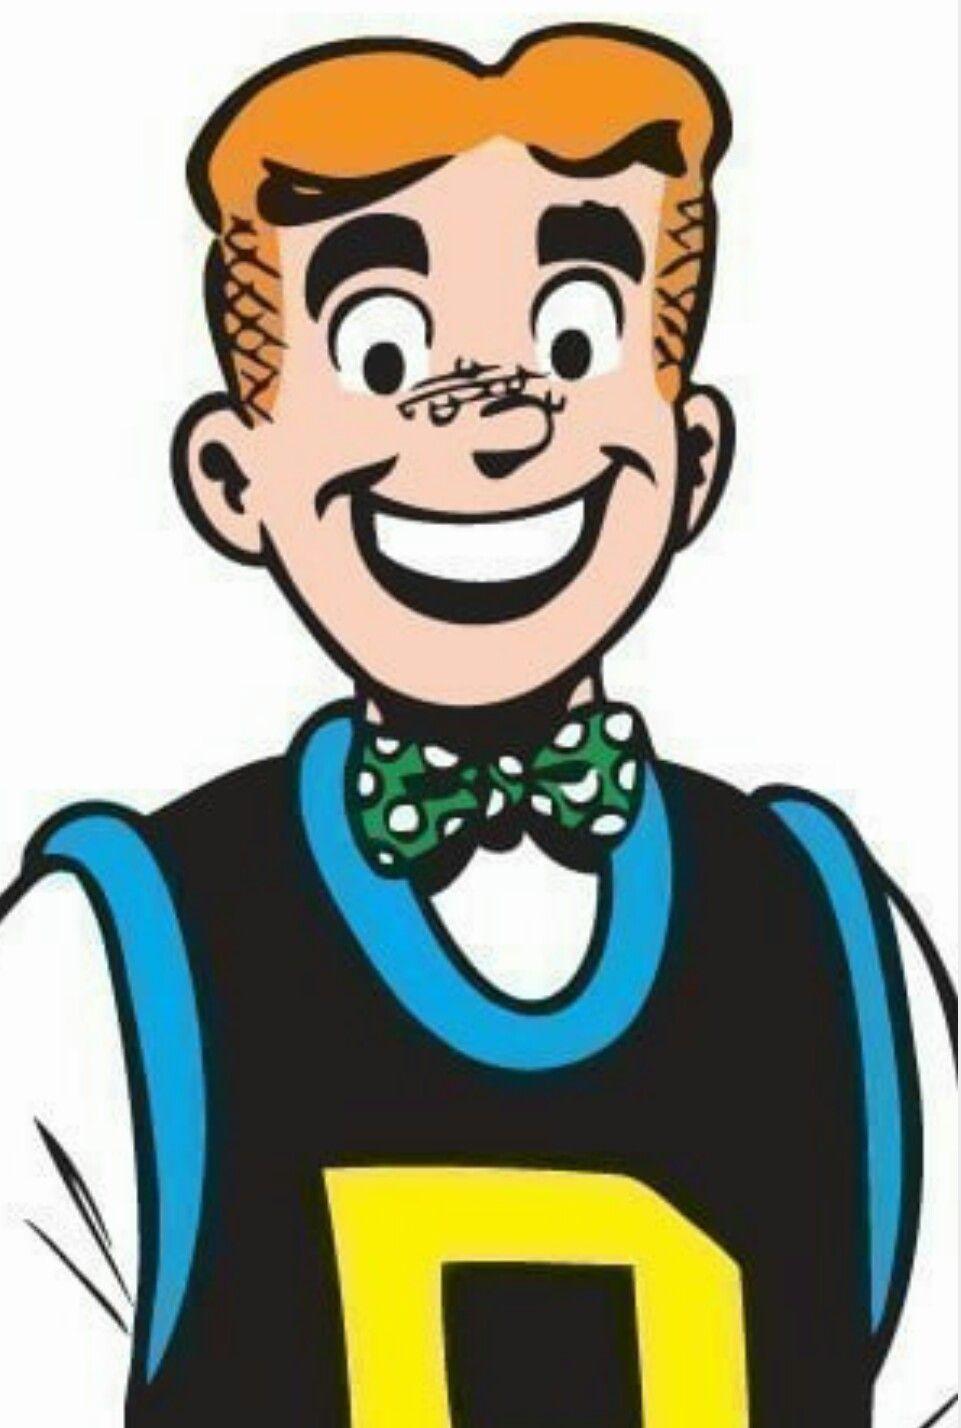 Archie comics archie comics riverdale retro comic